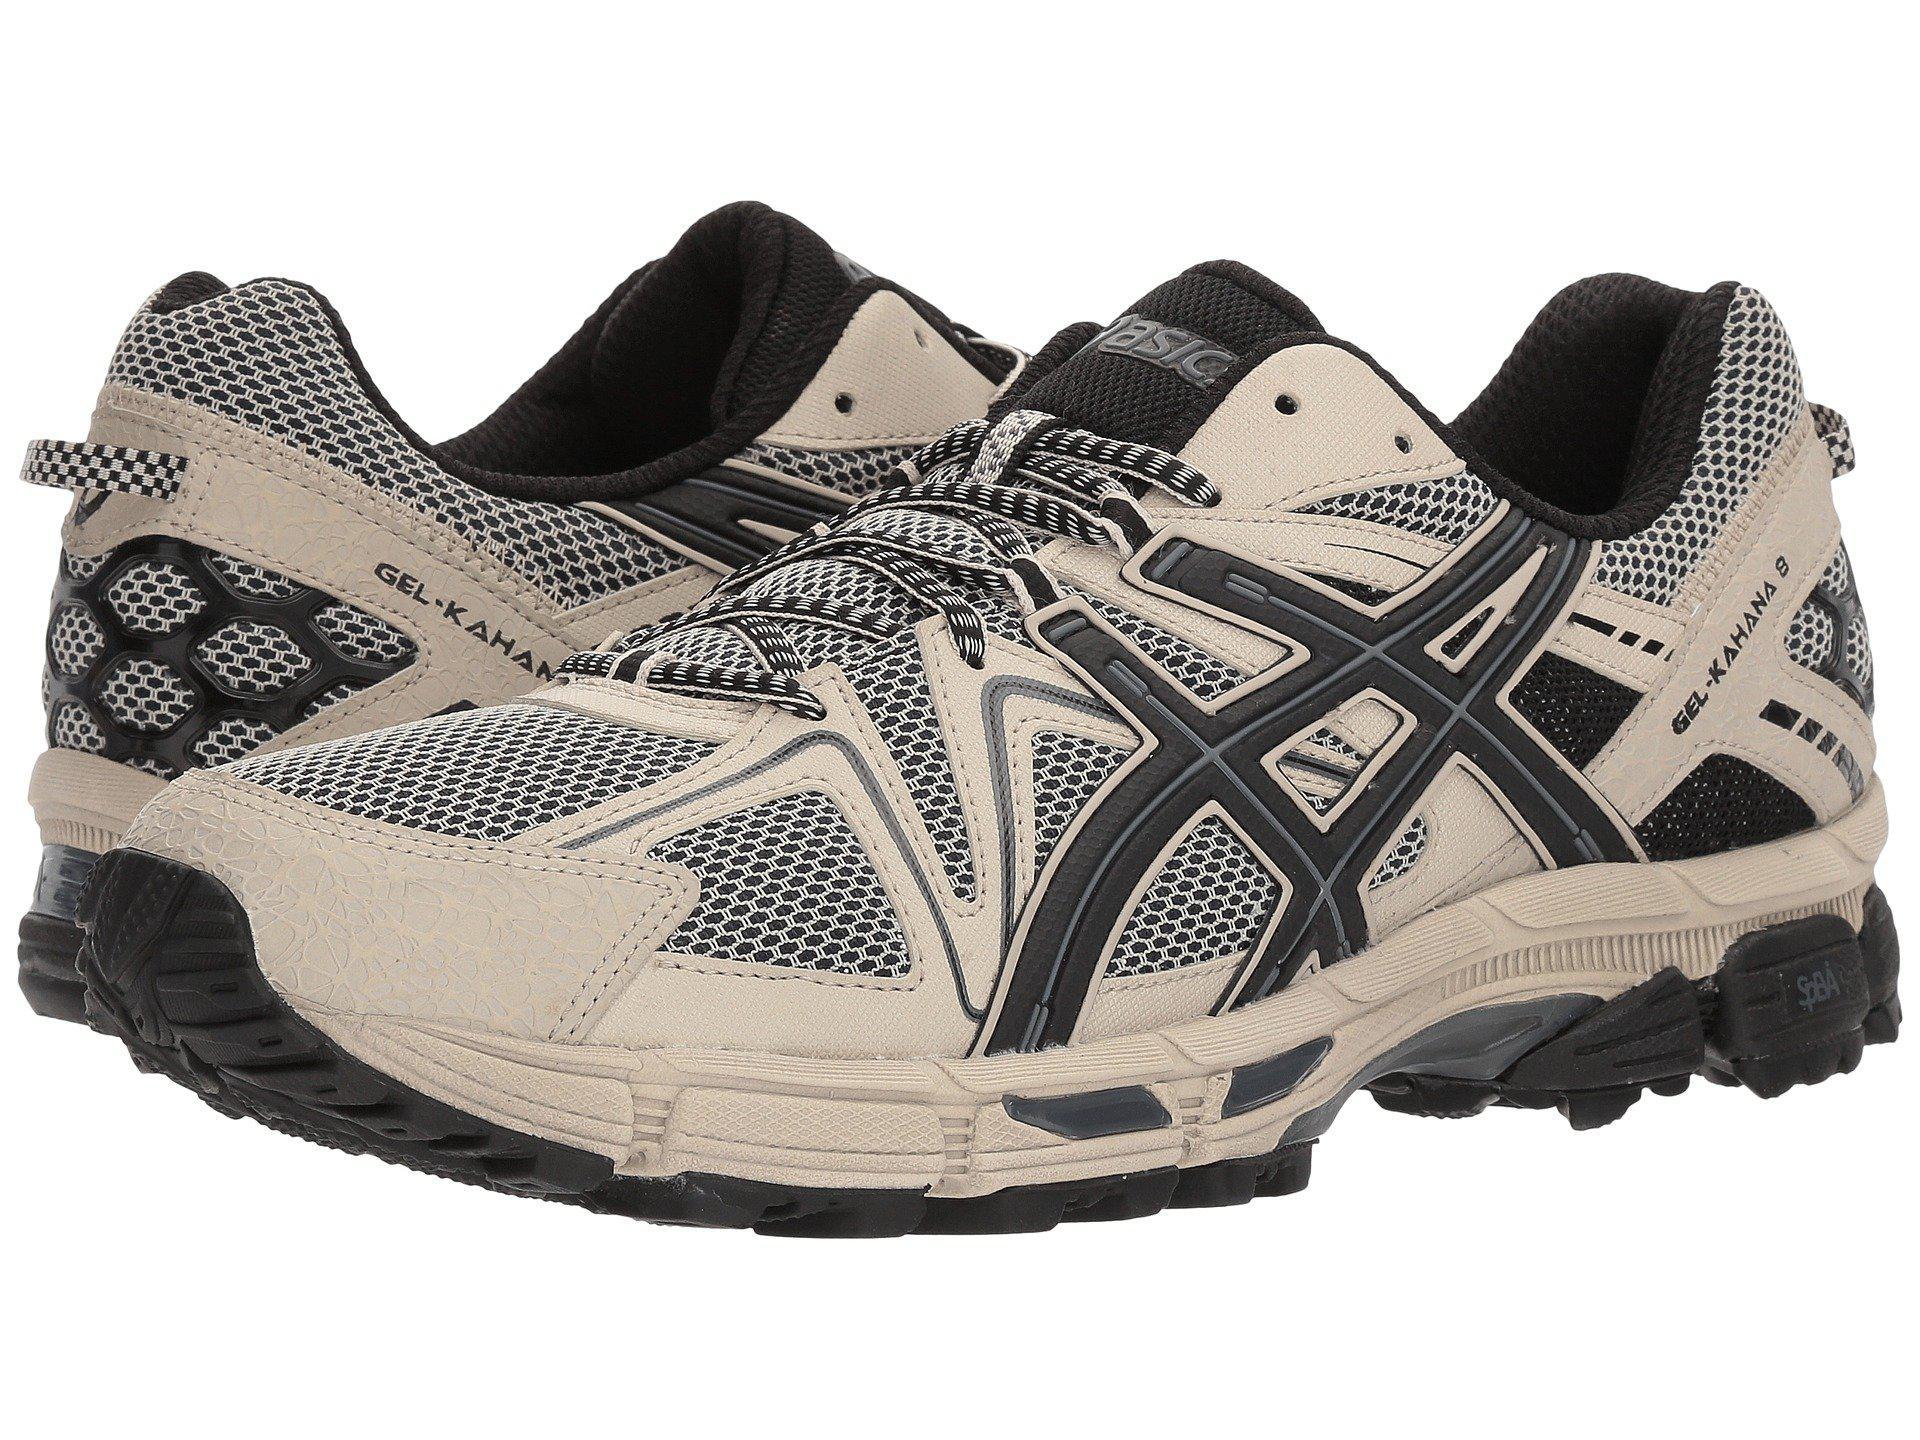 Chaussures de course course pour Gel hommes Lyst (r) Asics Gel kahana (r) 8 (noir/ onyx/ argent) b82394d - acornarboricultural.info